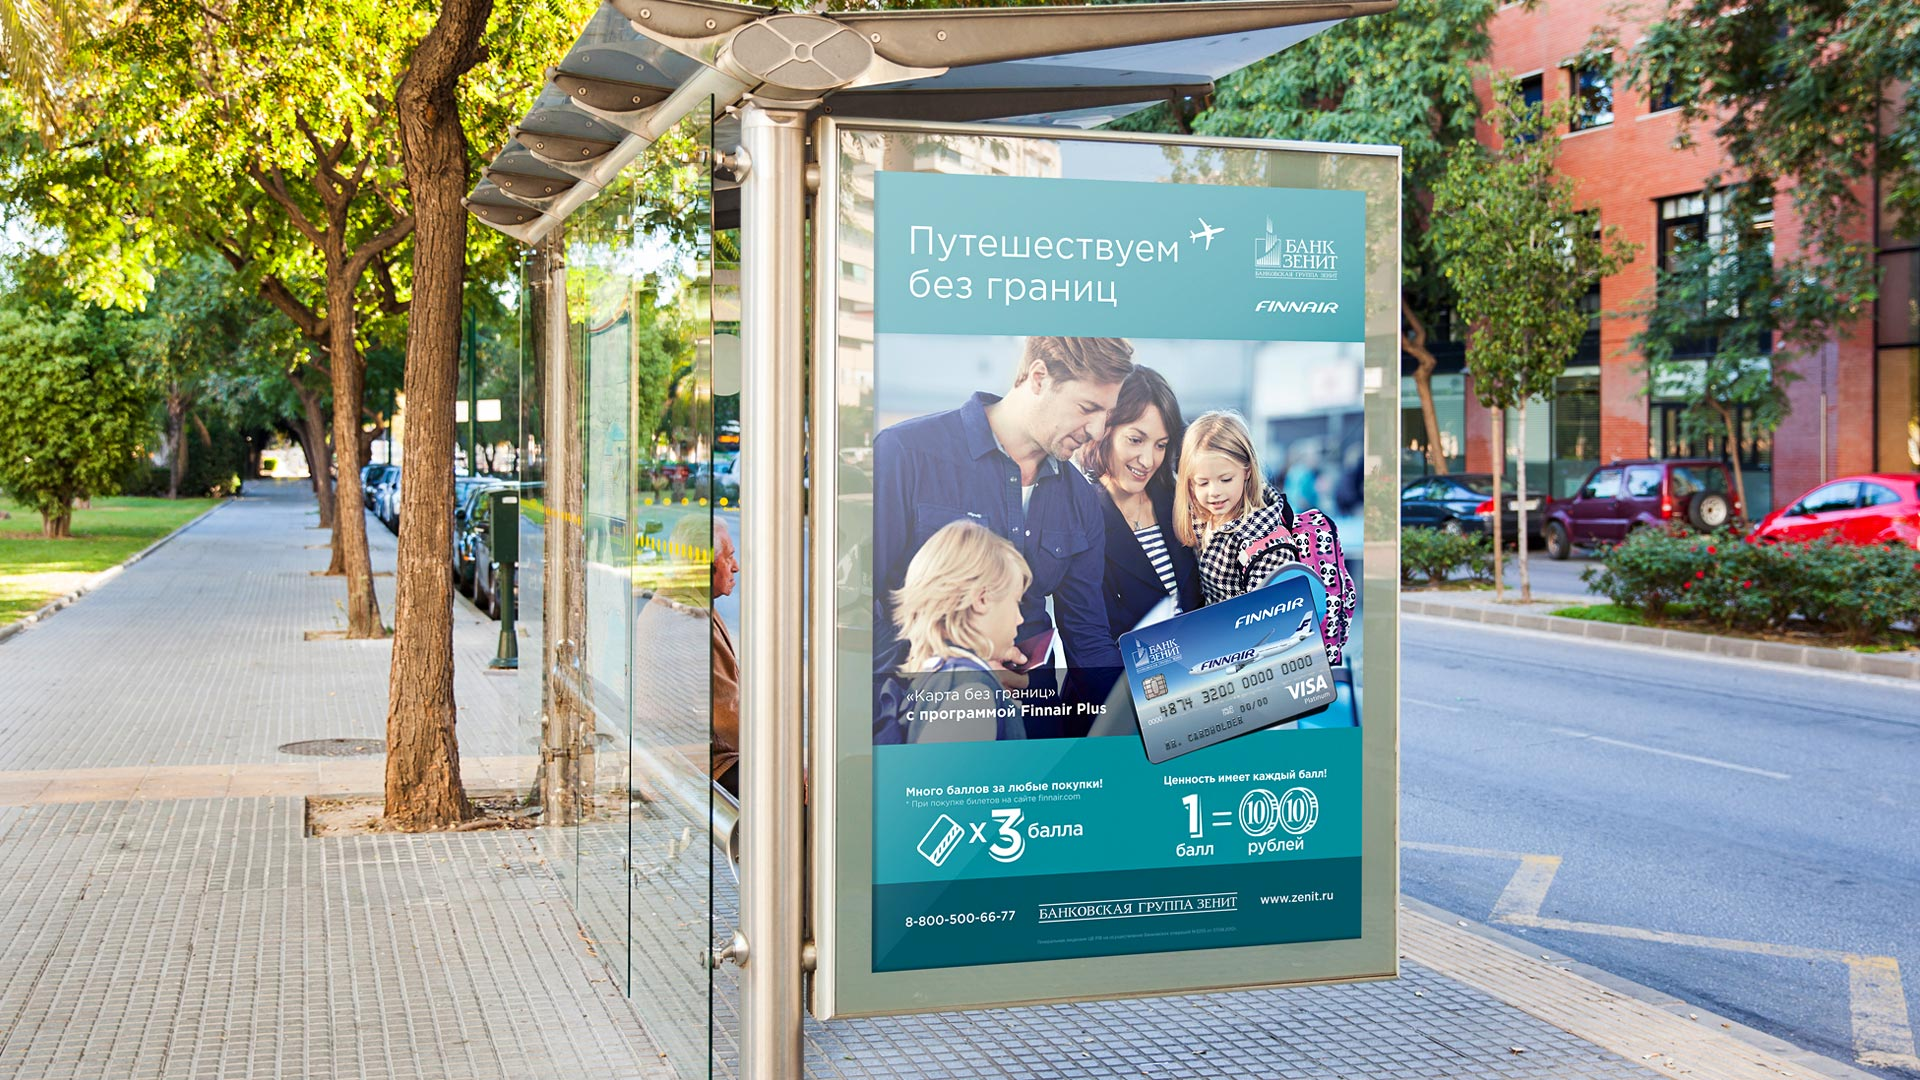 Реклама ко-брендовой карты Банка ЗЕНИТ и Finnair